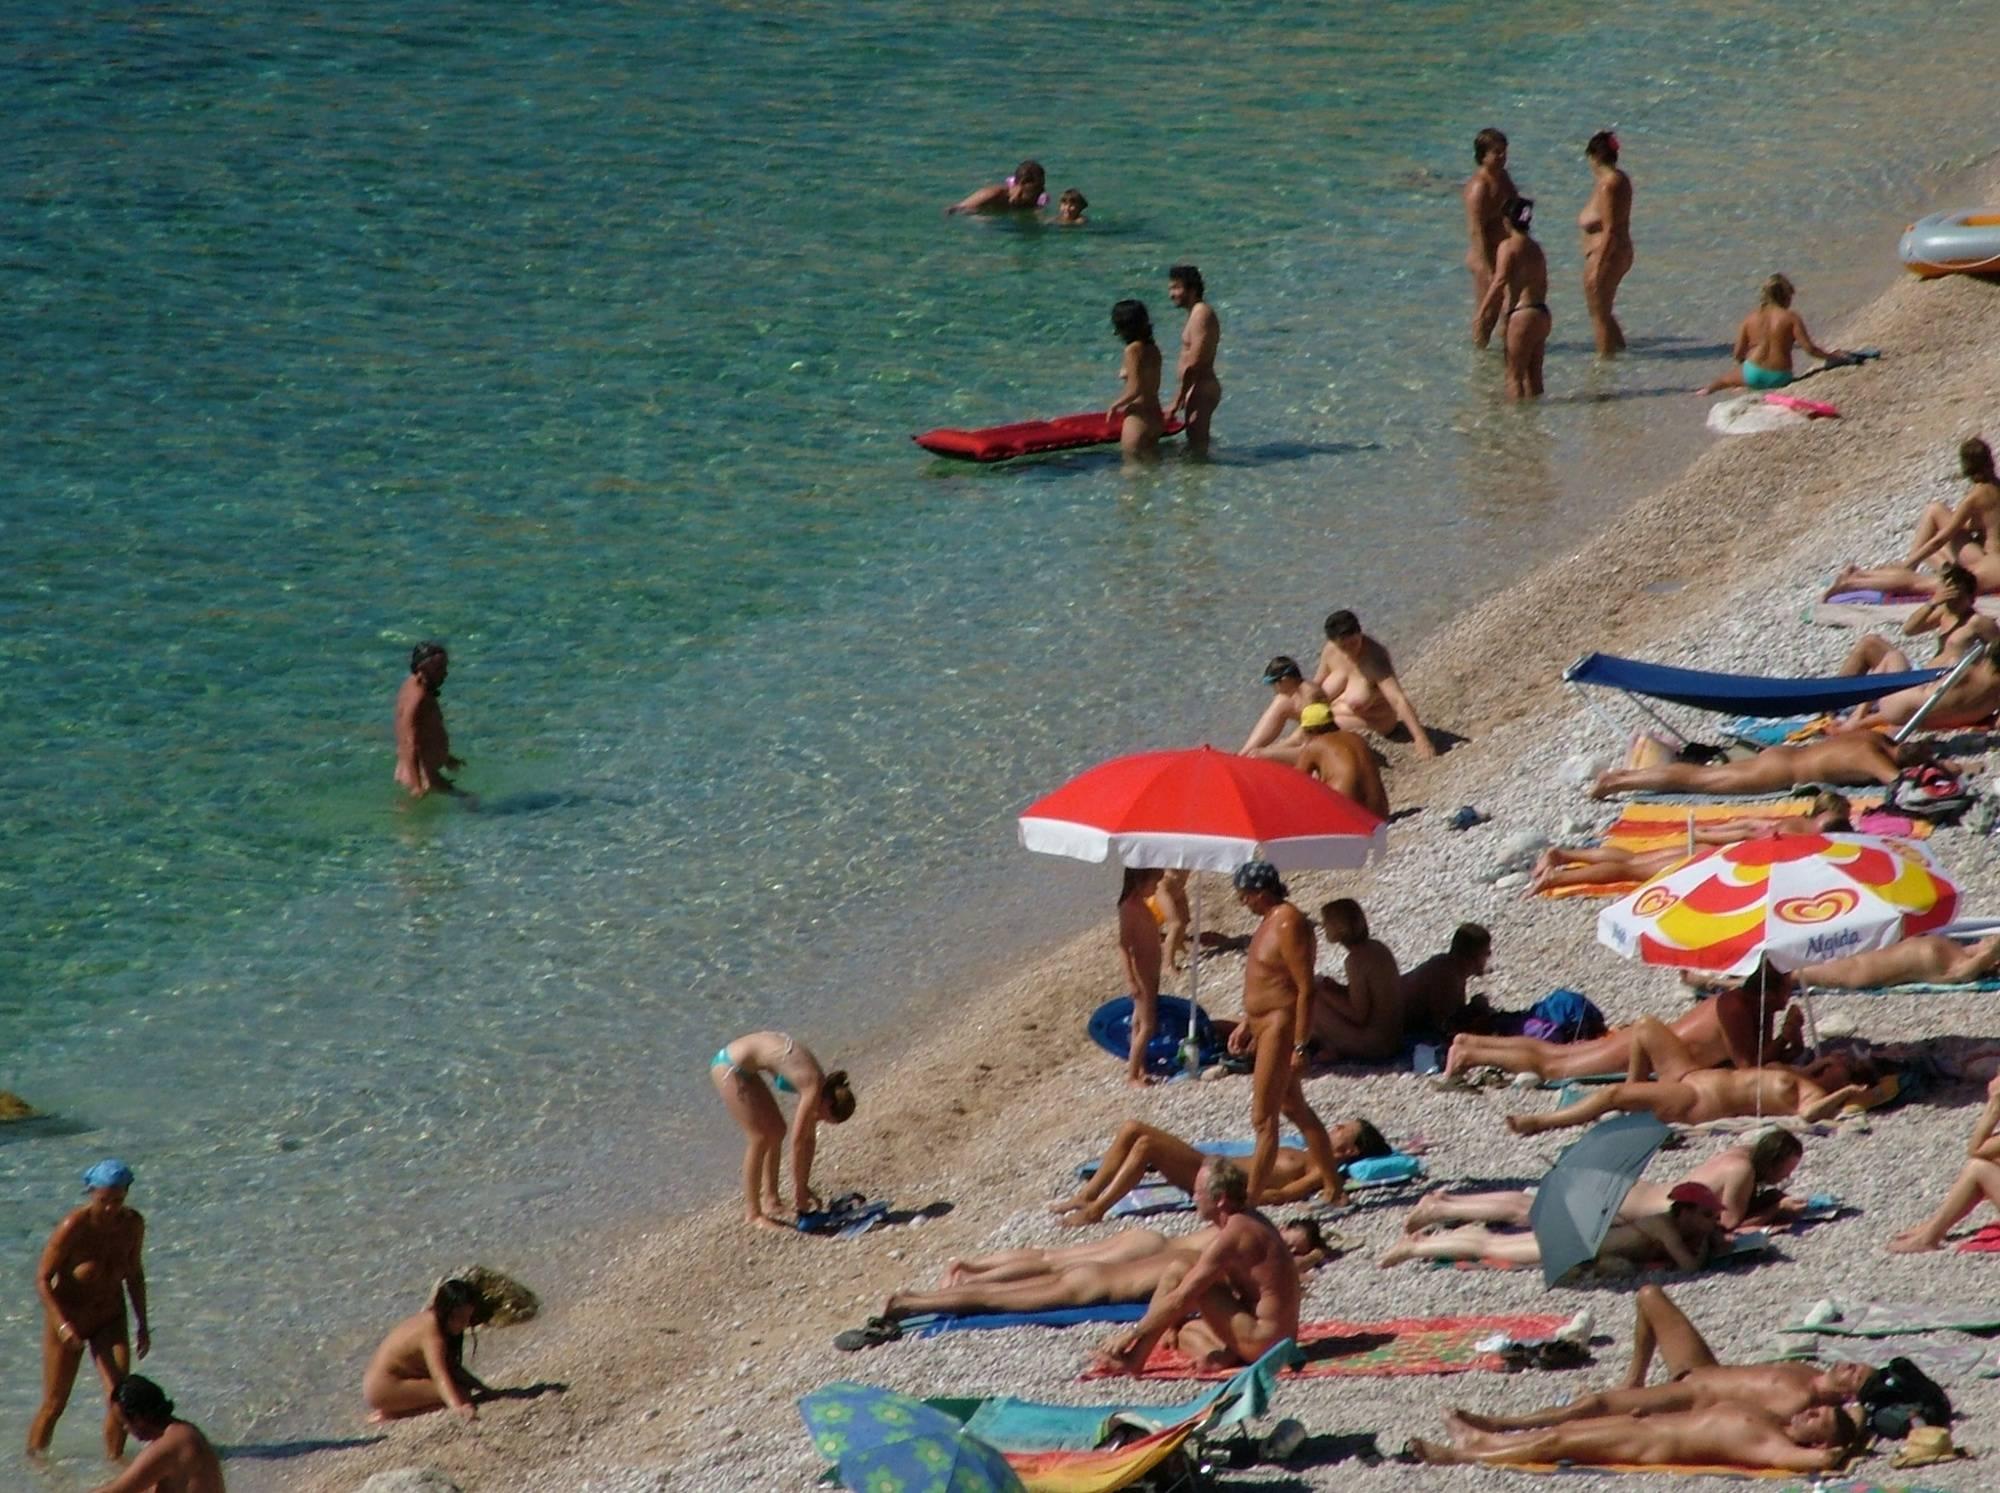 Nudist Pics FKK Naked Oasis Shoreline - 1